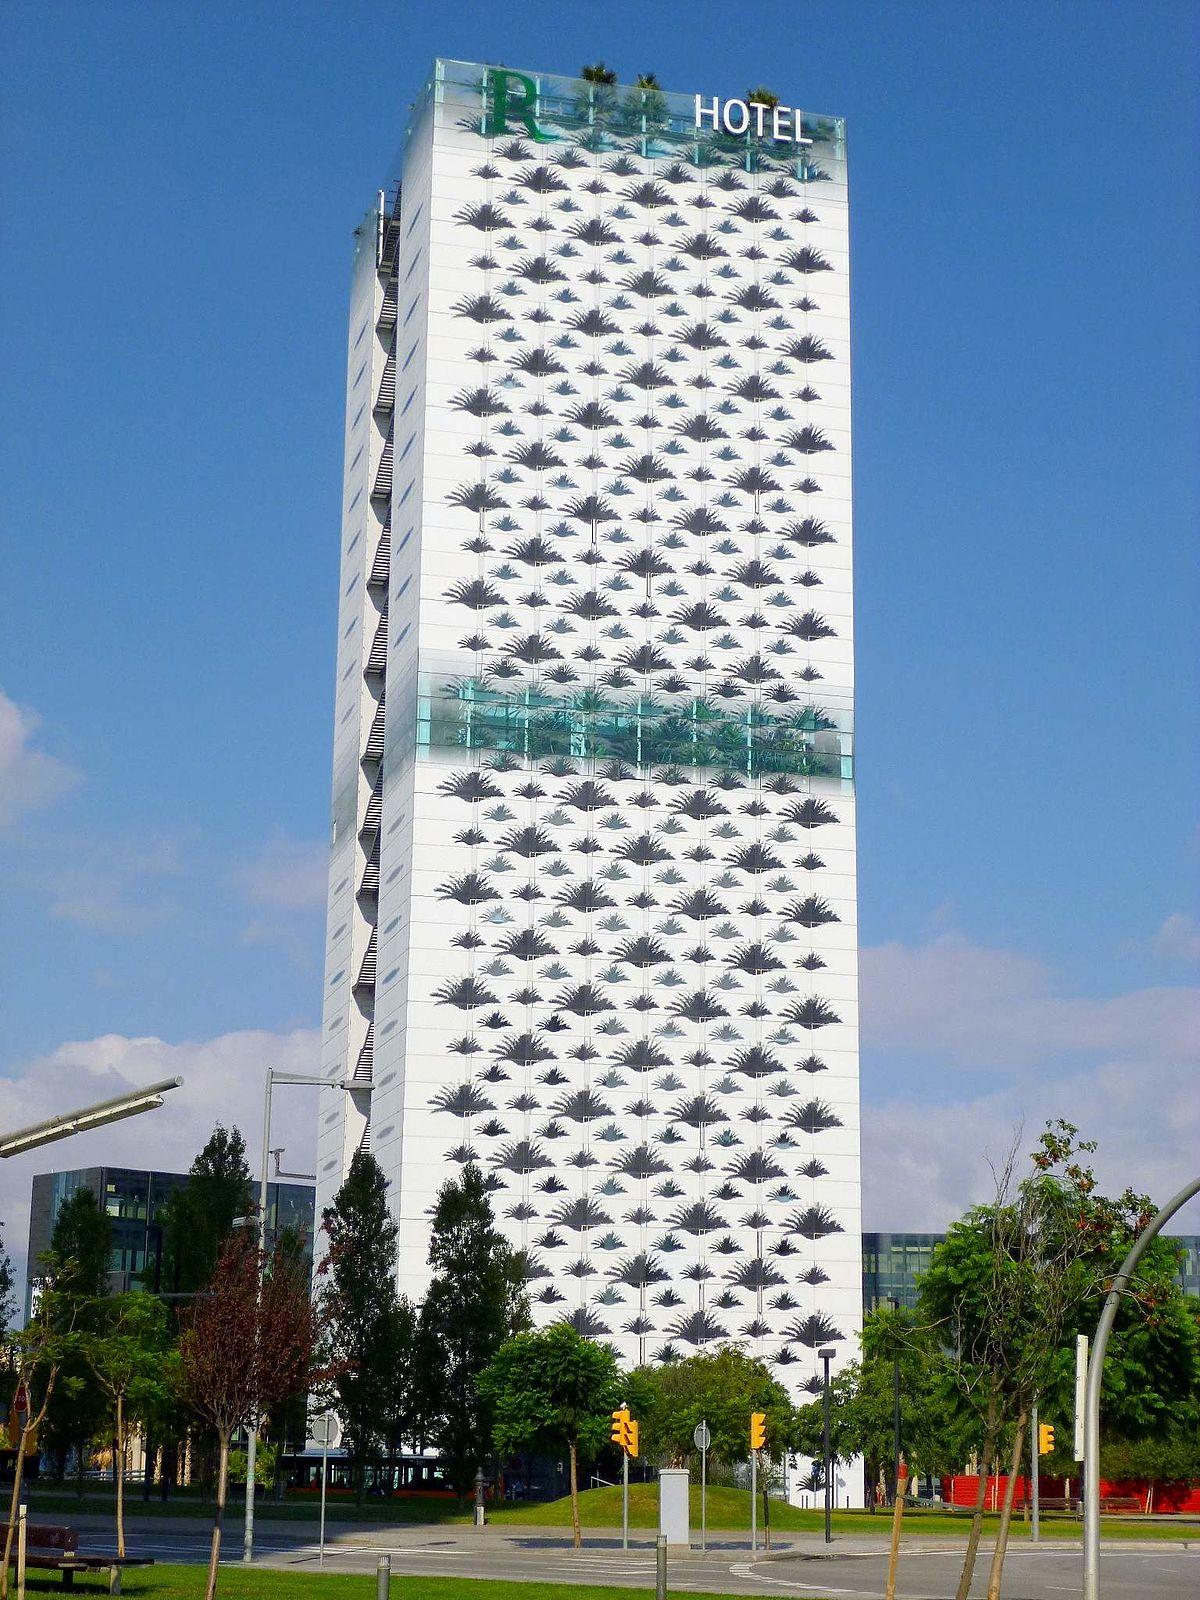 Renaissance barcelona fira hotel wikipedia for Hotel barcelone